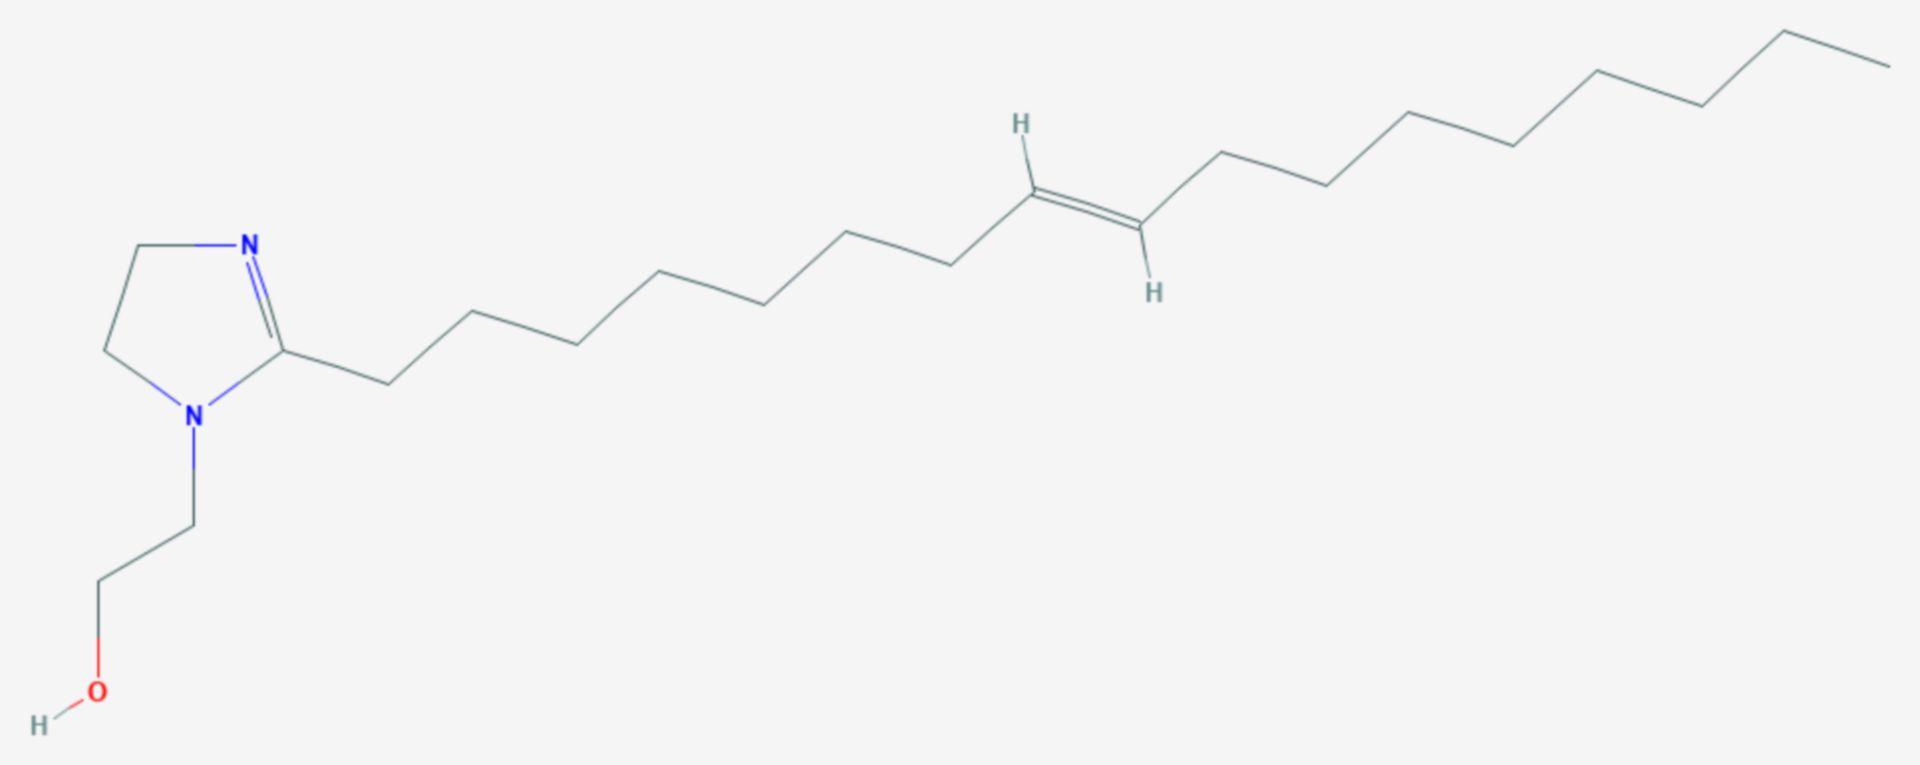 2-(2-Heptadec-8-enyl-2-imidazolin-1-yl)ethanol (Strukturformel)